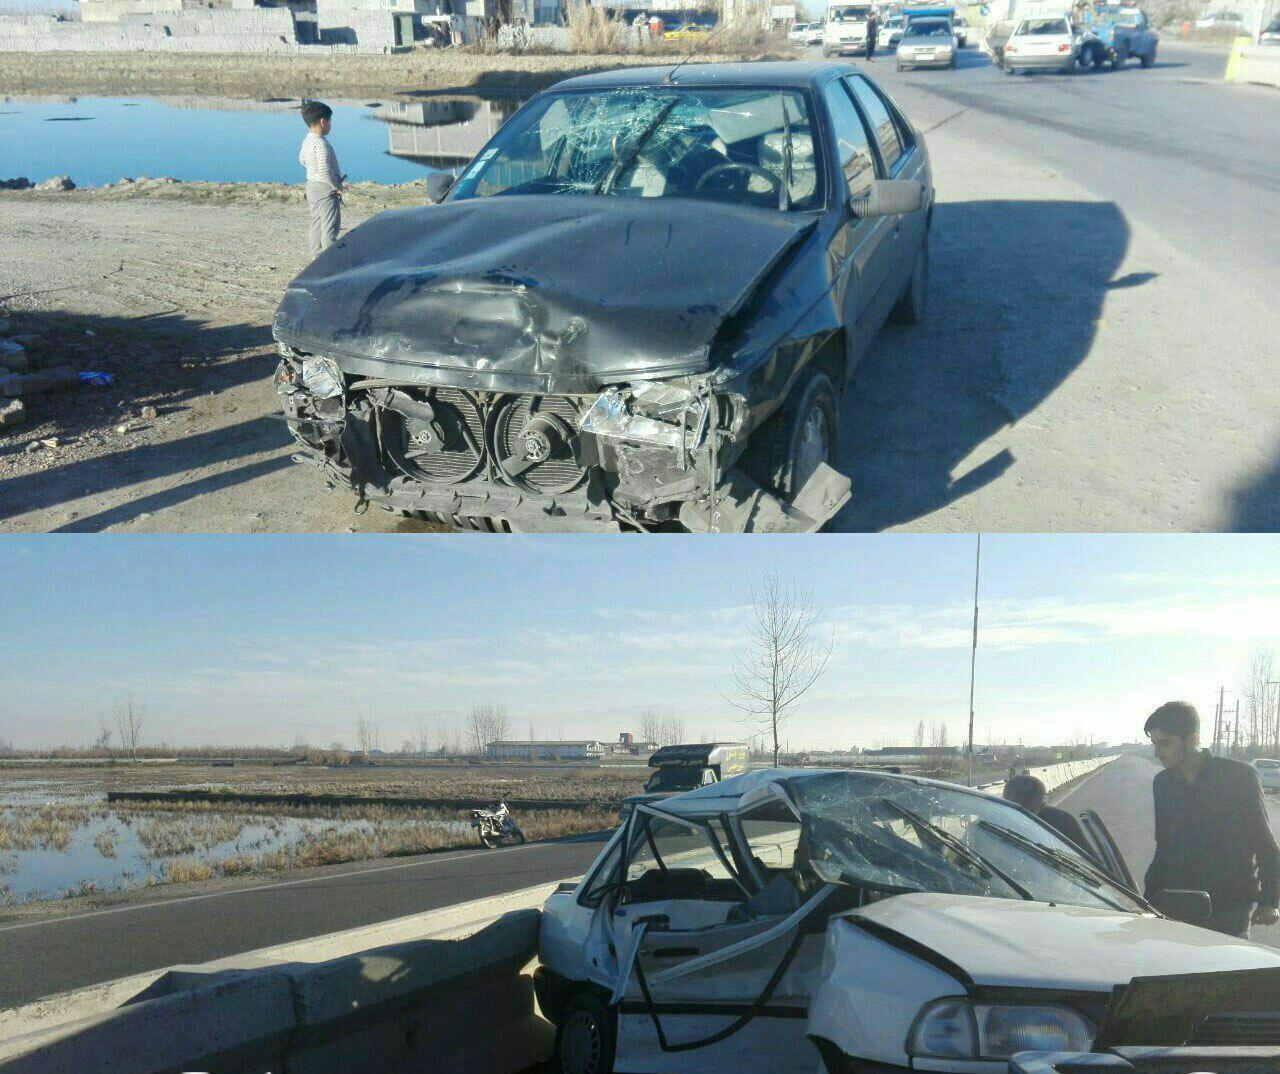 وقوع تصادف خونین با یک کشته و 5 مصدوم / جاده مرگ عروس و داماد مازندرانی را داغدار کرد